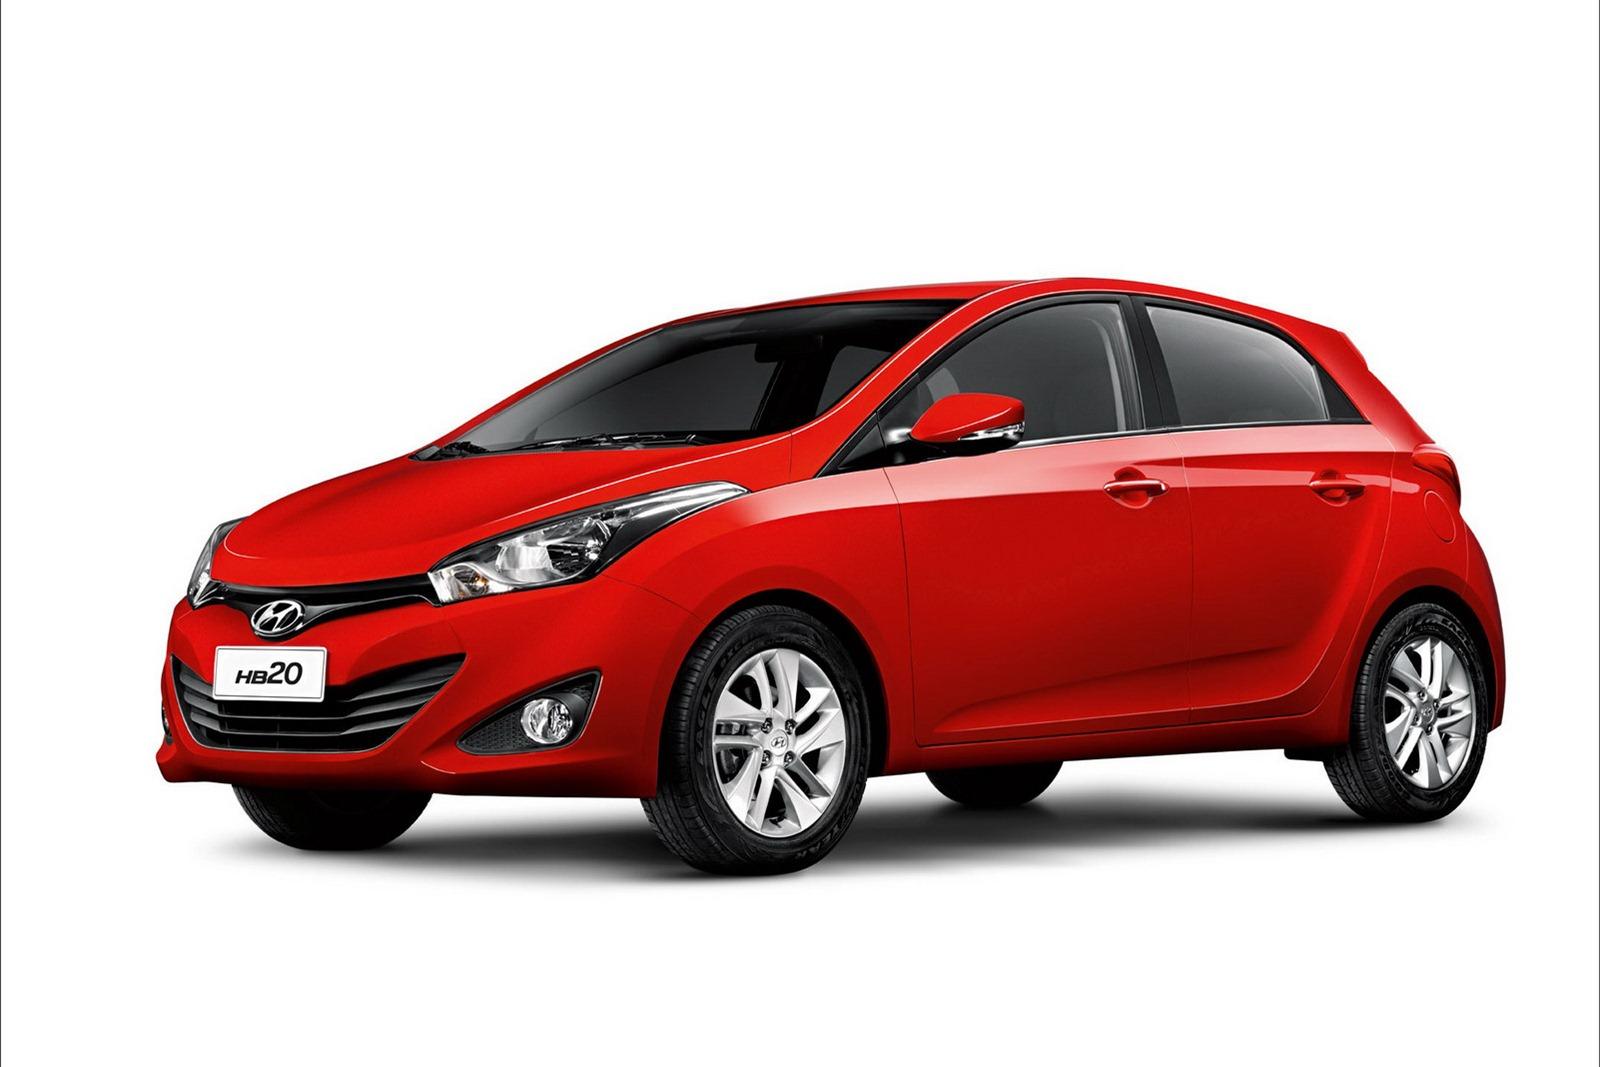 New Hyundai HB20 Photo gallery Car Wallpapers Desktop Download